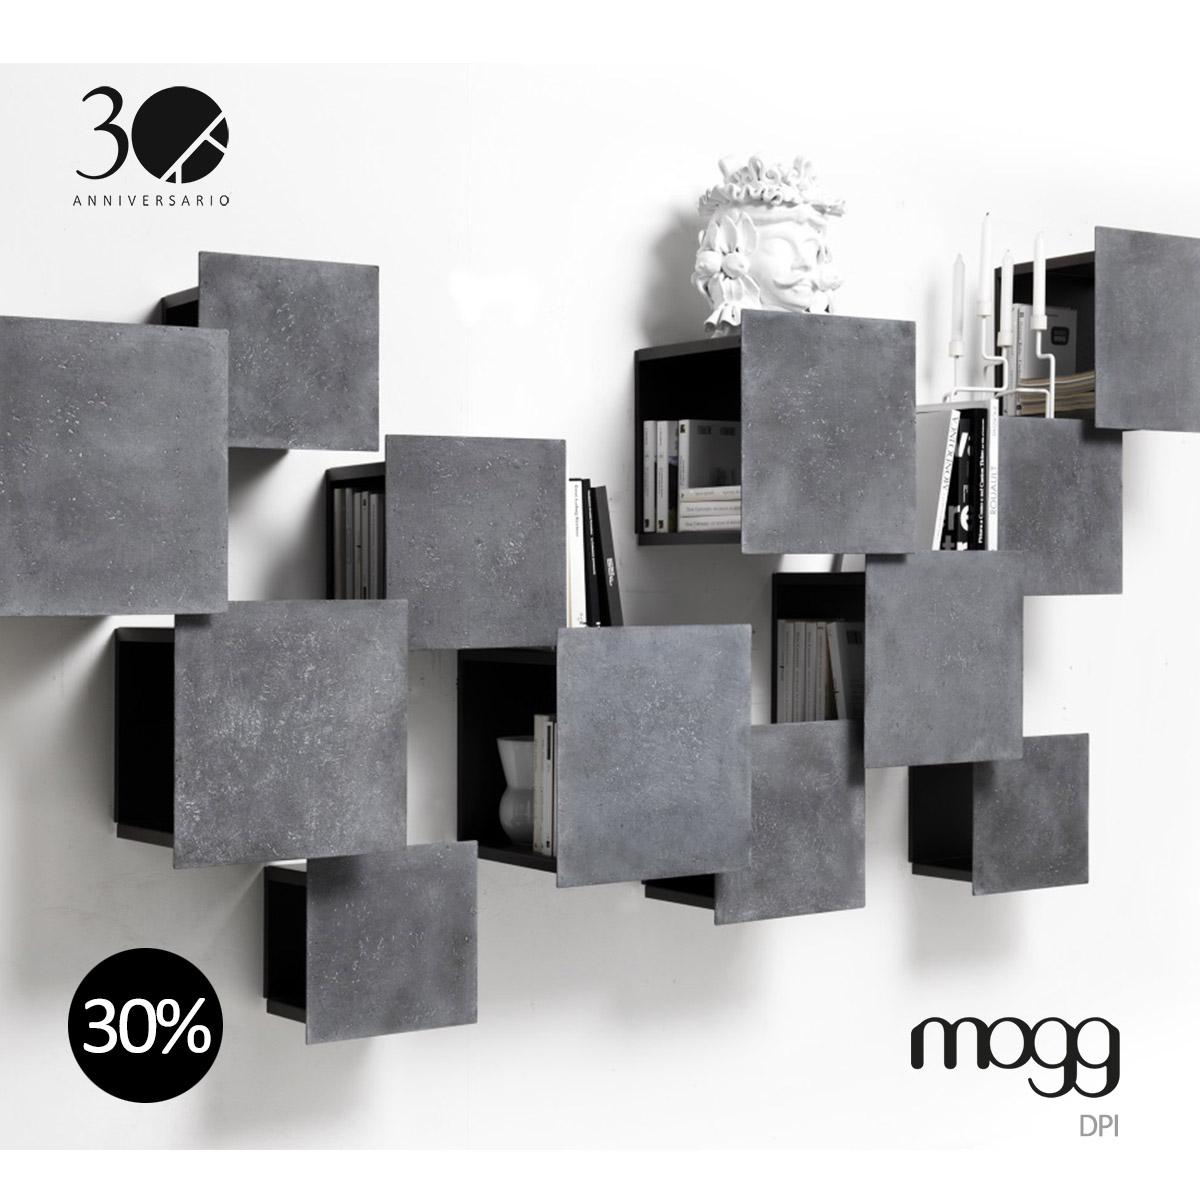 MOGG - DPI MEDIUM